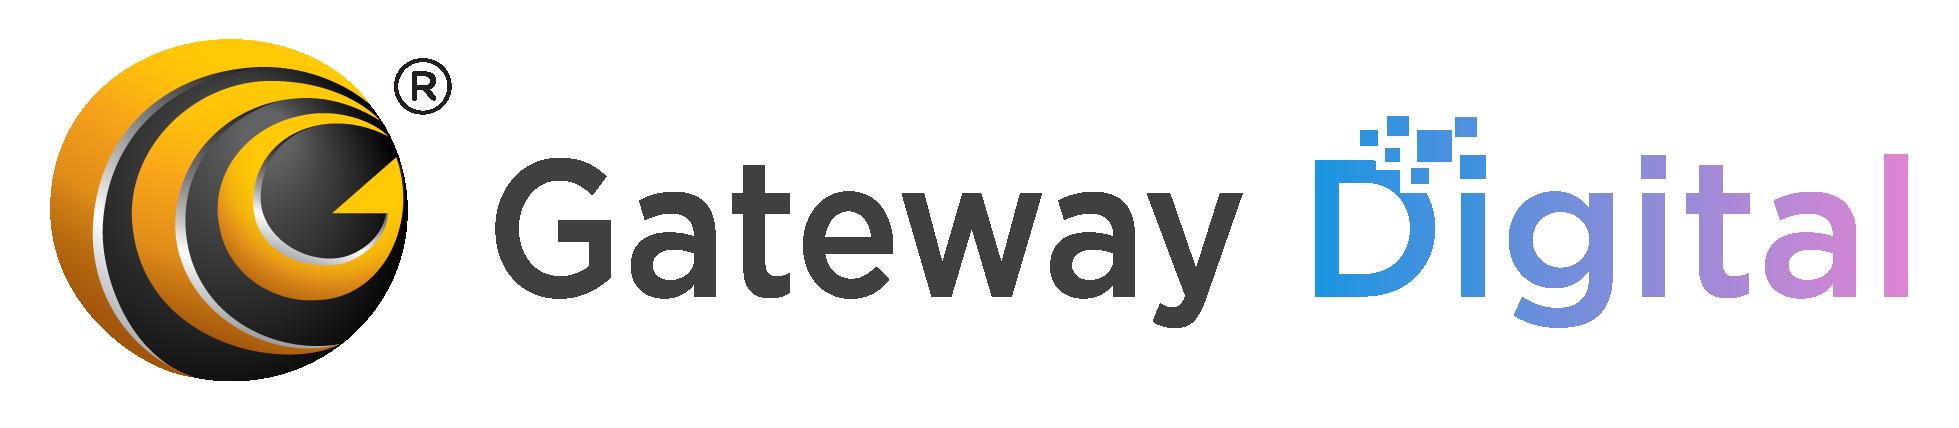 Gateway Digital